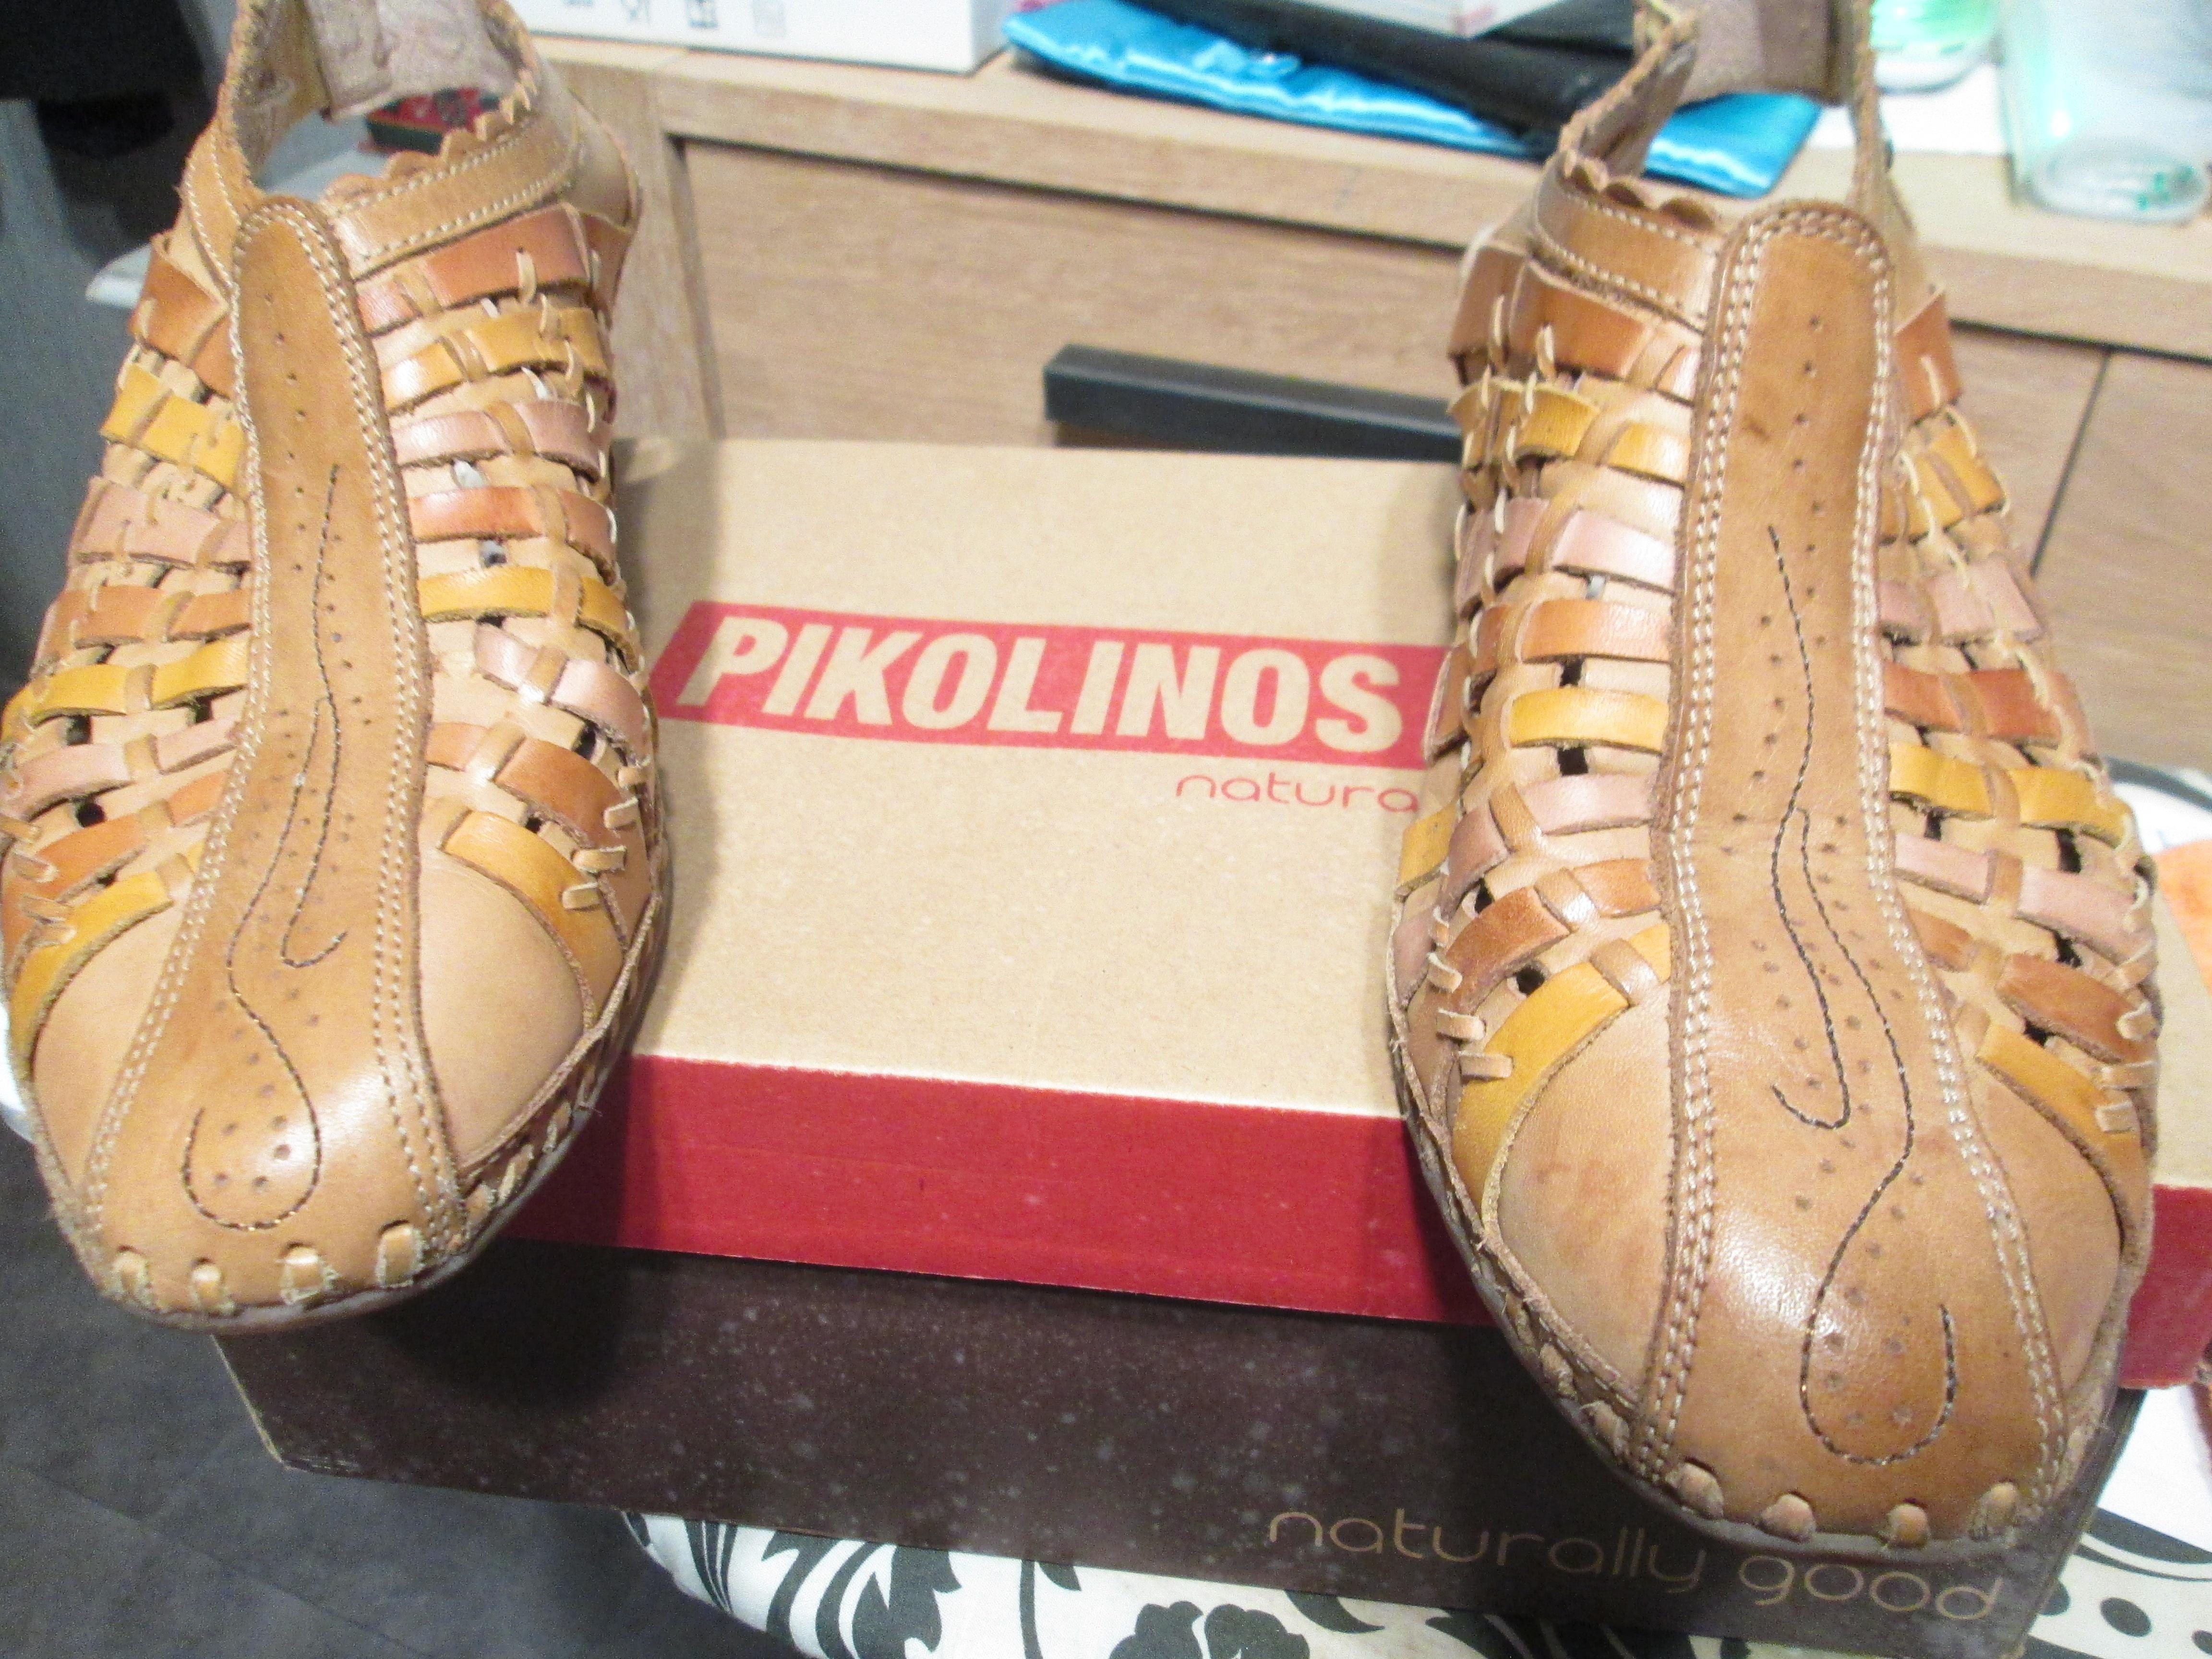 troc de troc chaussures pointure 41 pikolinos image 2